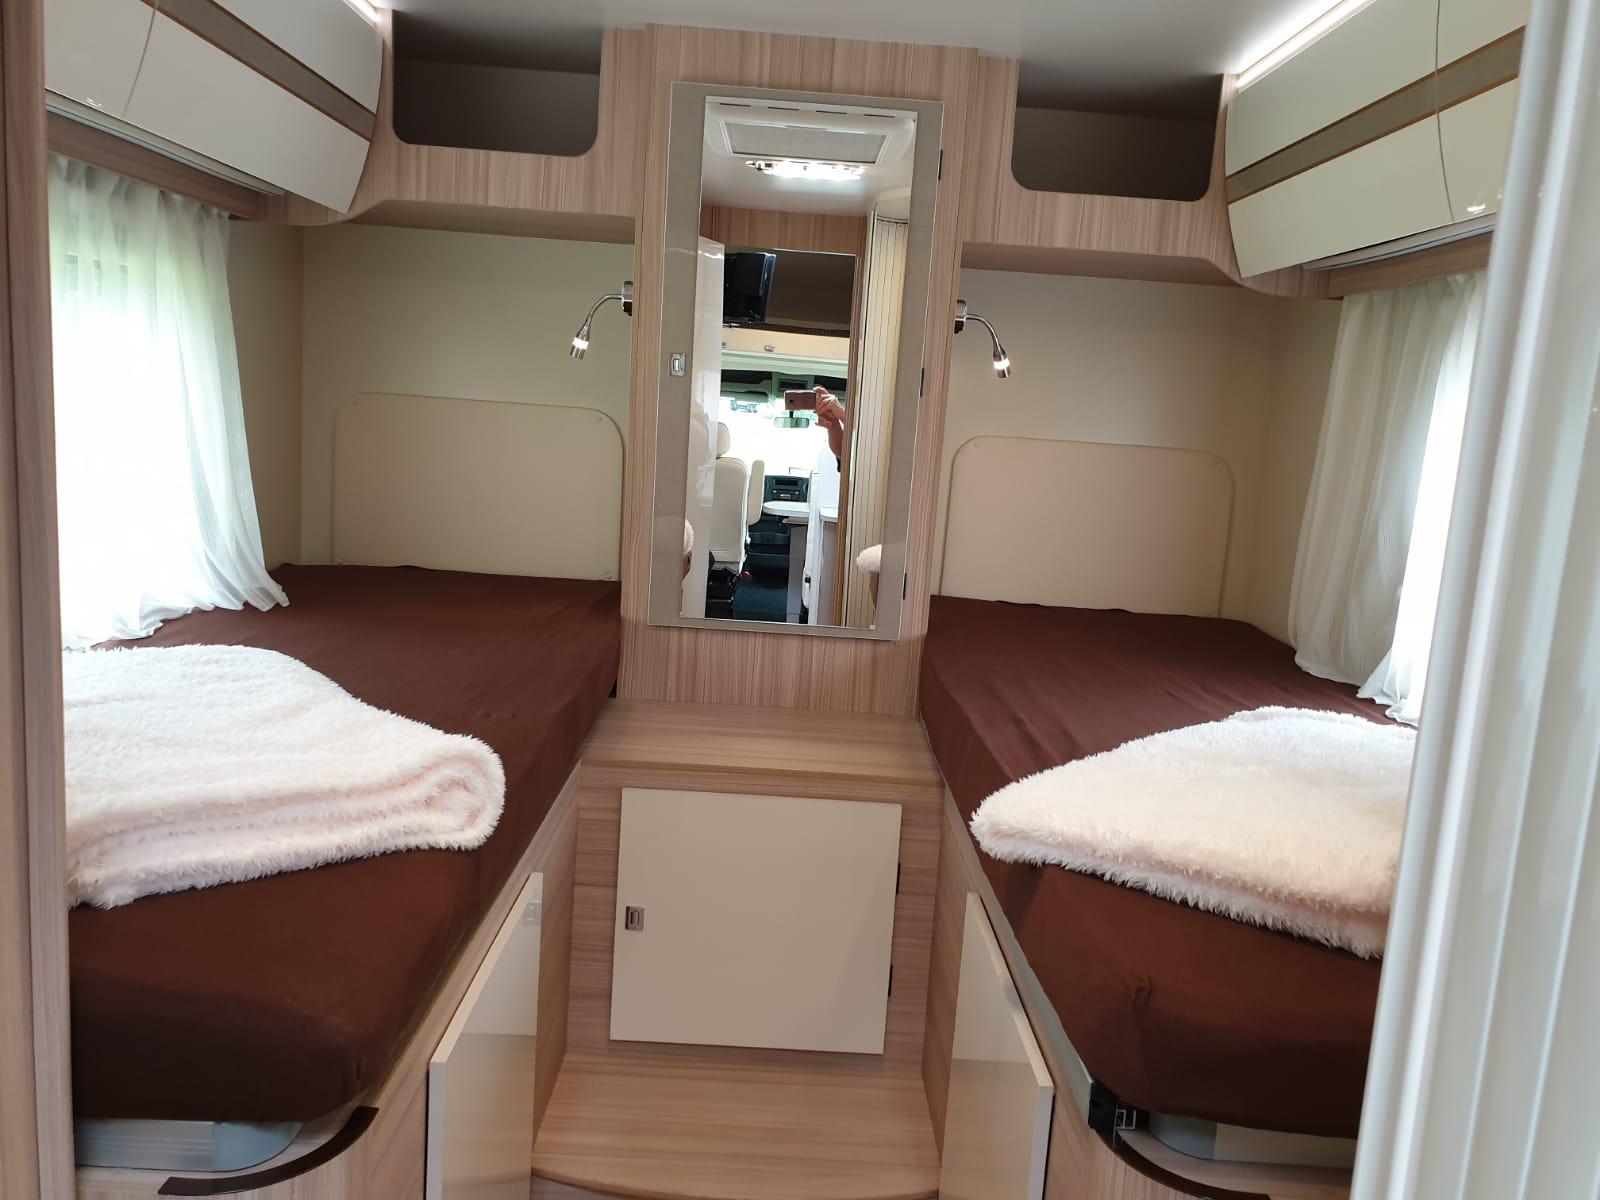 Renault Master 3 Canada AE - abgetrenntes Schlafzimmer